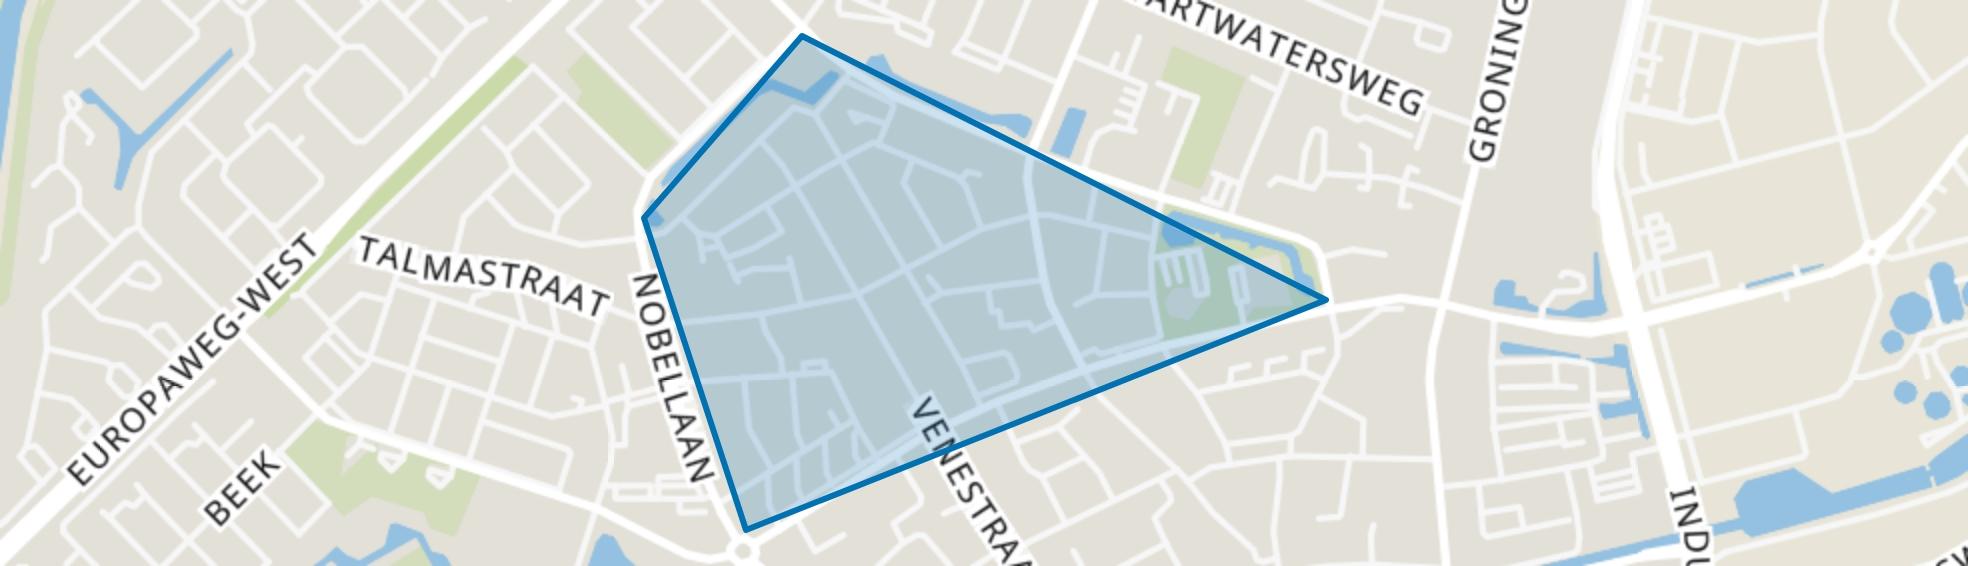 Veningerland, Assen map